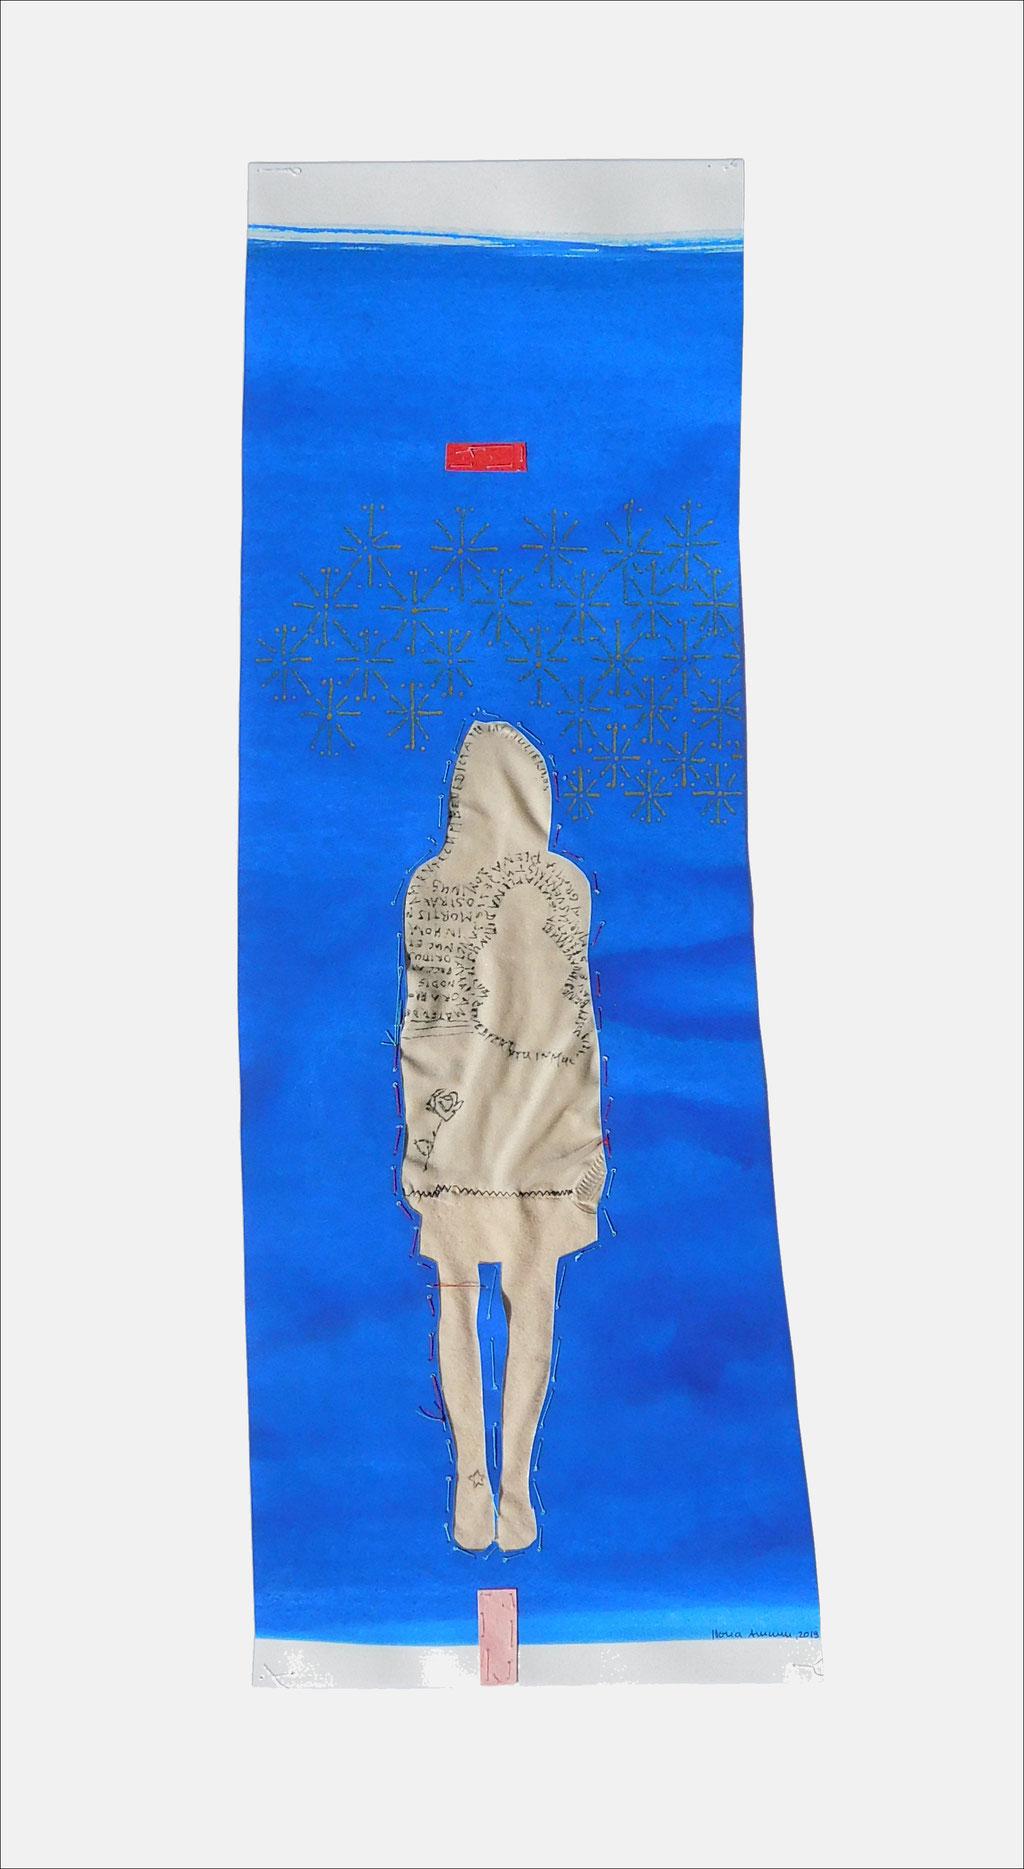 """aus der Serie """"die weinende Mutter"""", 2019, Technik: Papierarbeit, Collage, Stickerei, Größe: 50 cm x 18 cm, 62 cm x 42 cm x incl. Rahmen"""